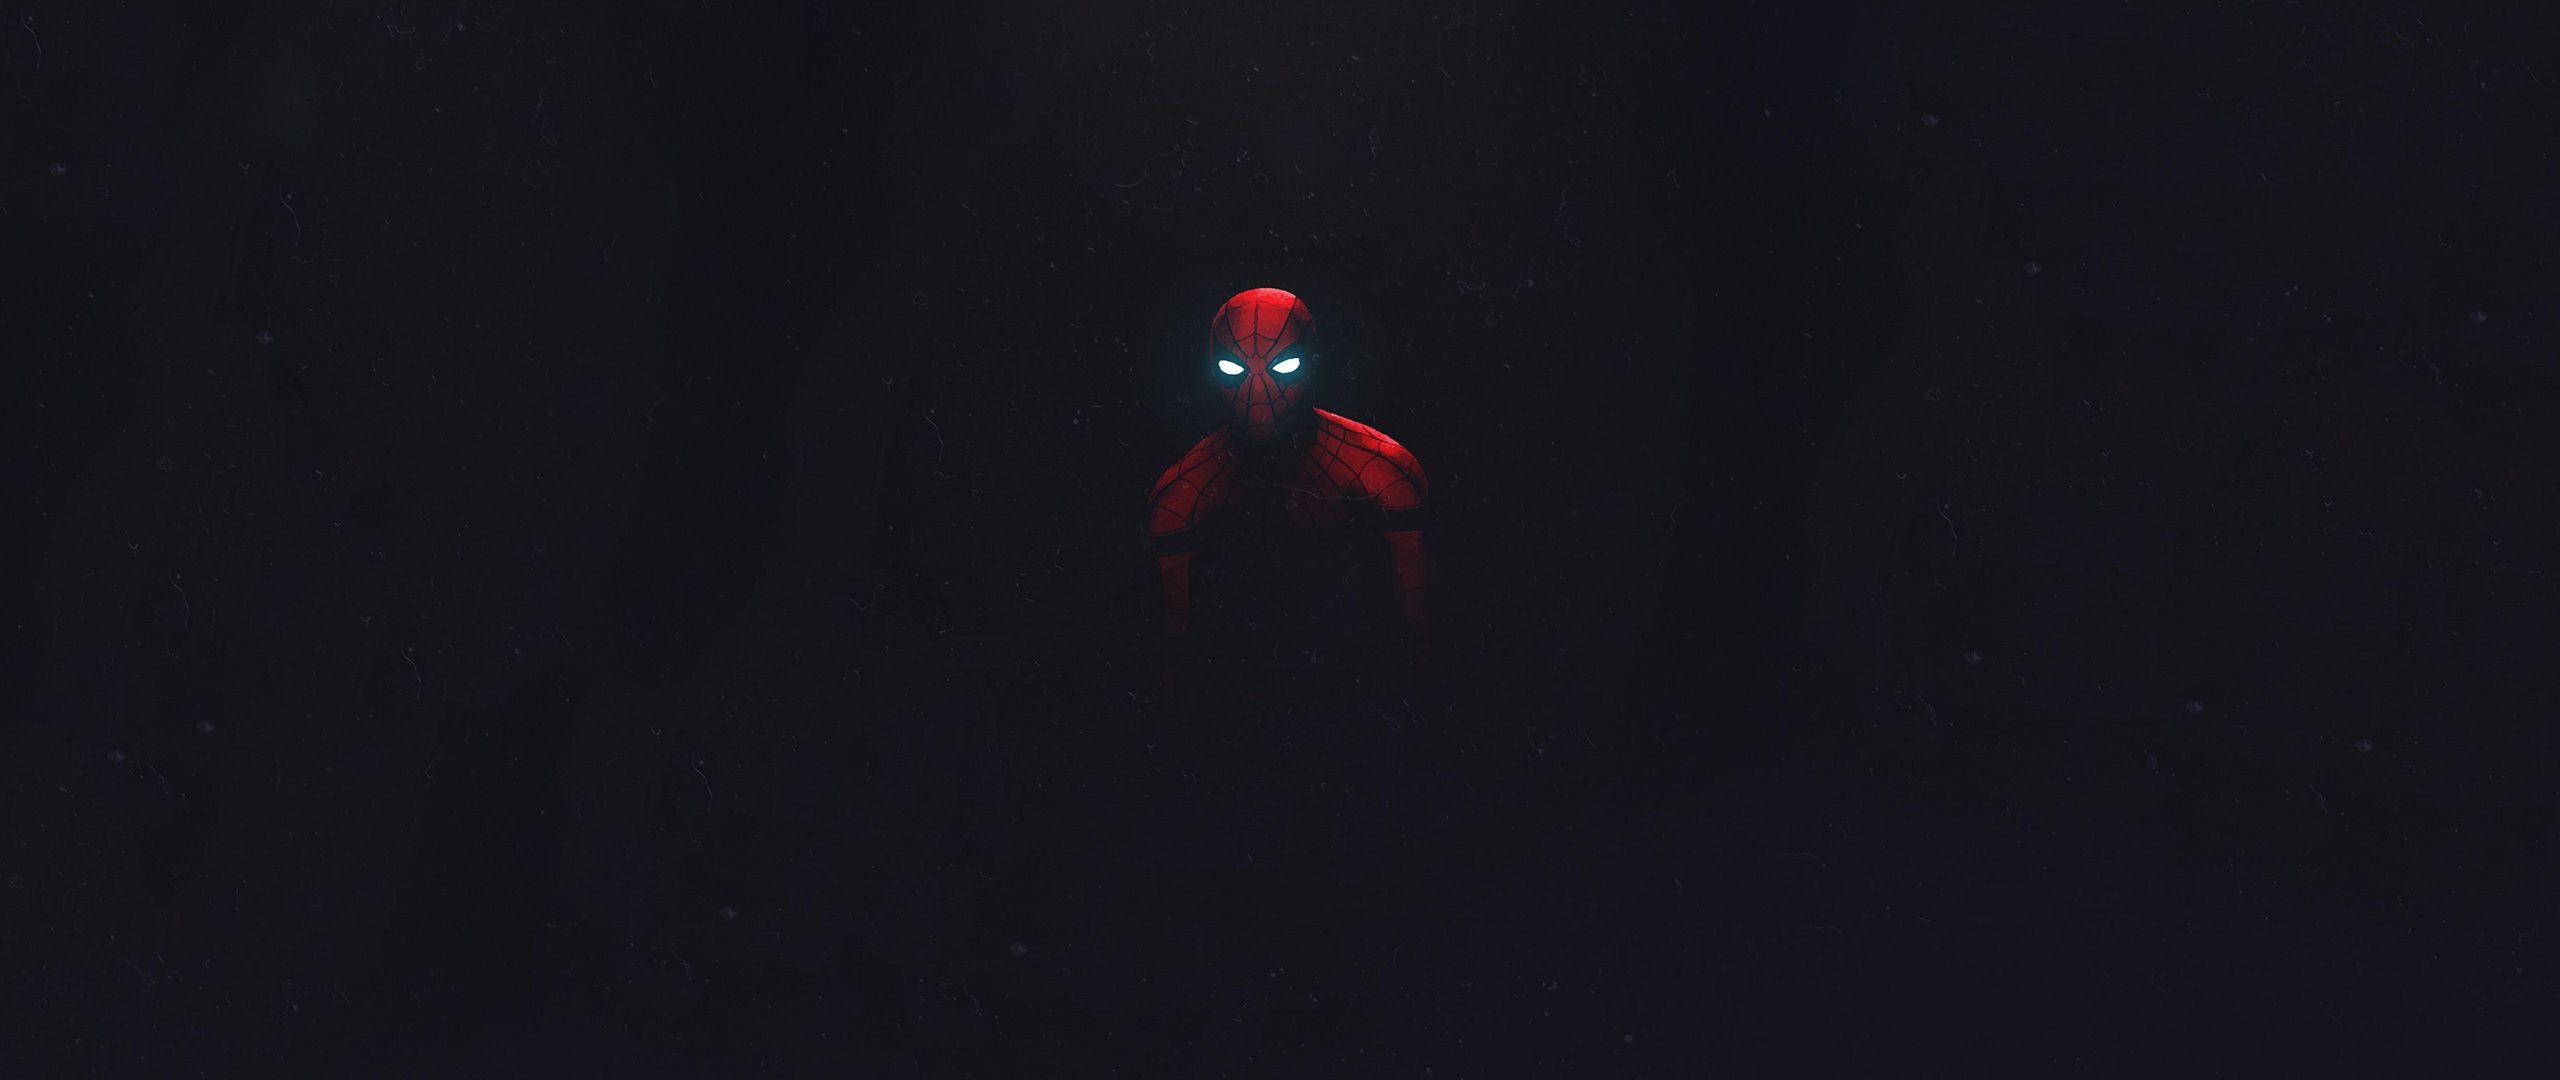 2560x1080 Tải xuống Người nhện, Tối và Tối giản, Hình nền nghệ thuật, 2560x1080